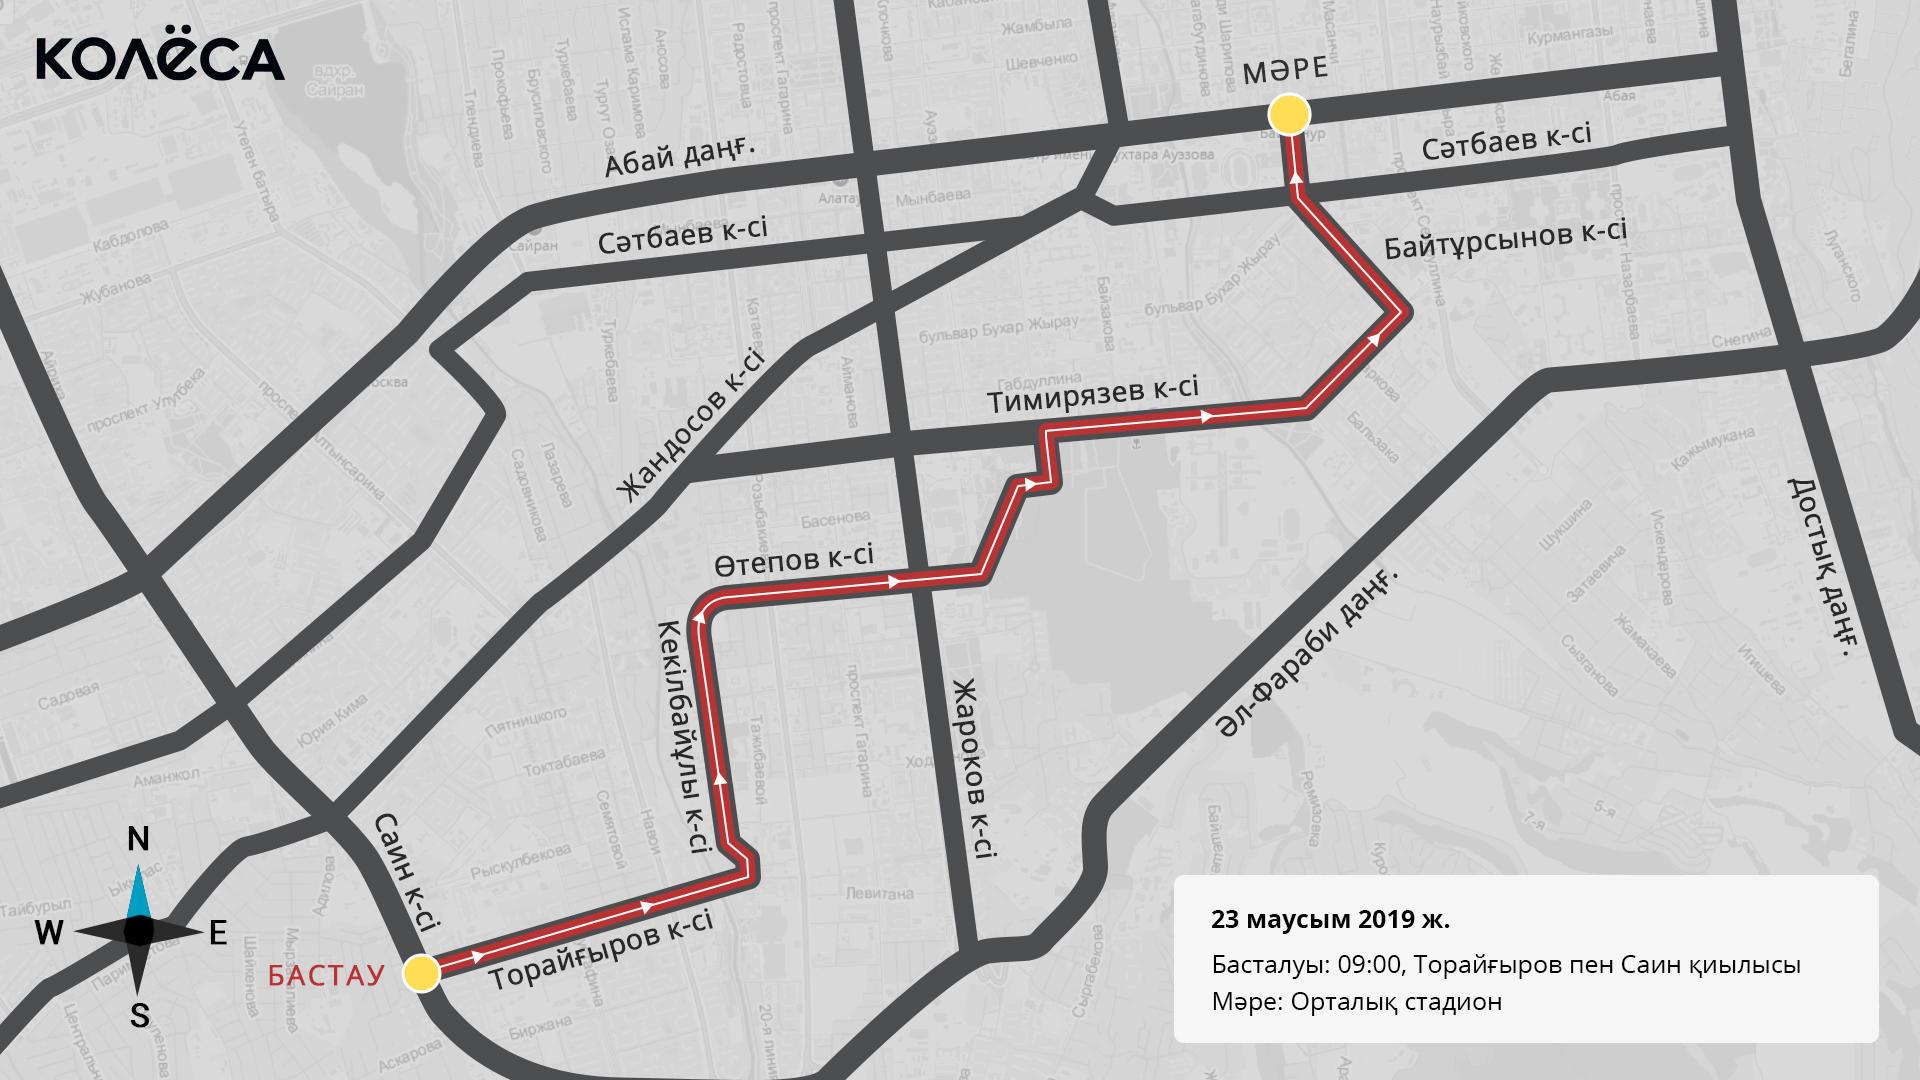 23 маусымда Алматыда веложарыс өтеді